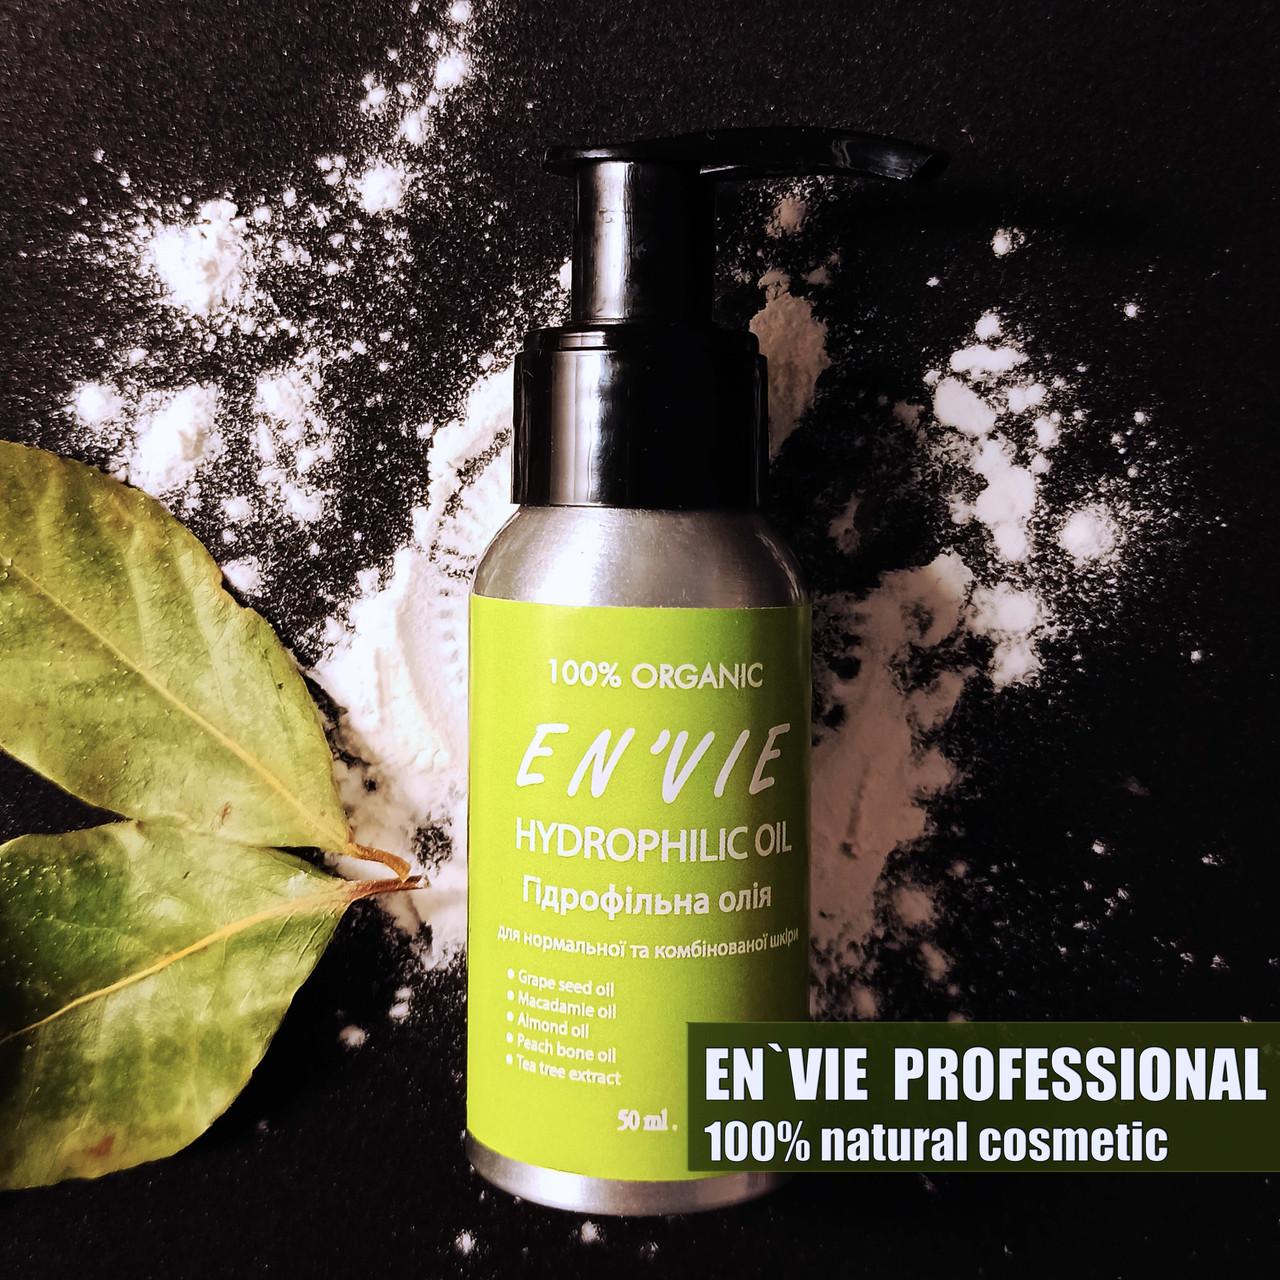 Гидрофильное масло для умывания (нормальная и комбинированная) 50 мл. Envie Cosmetic